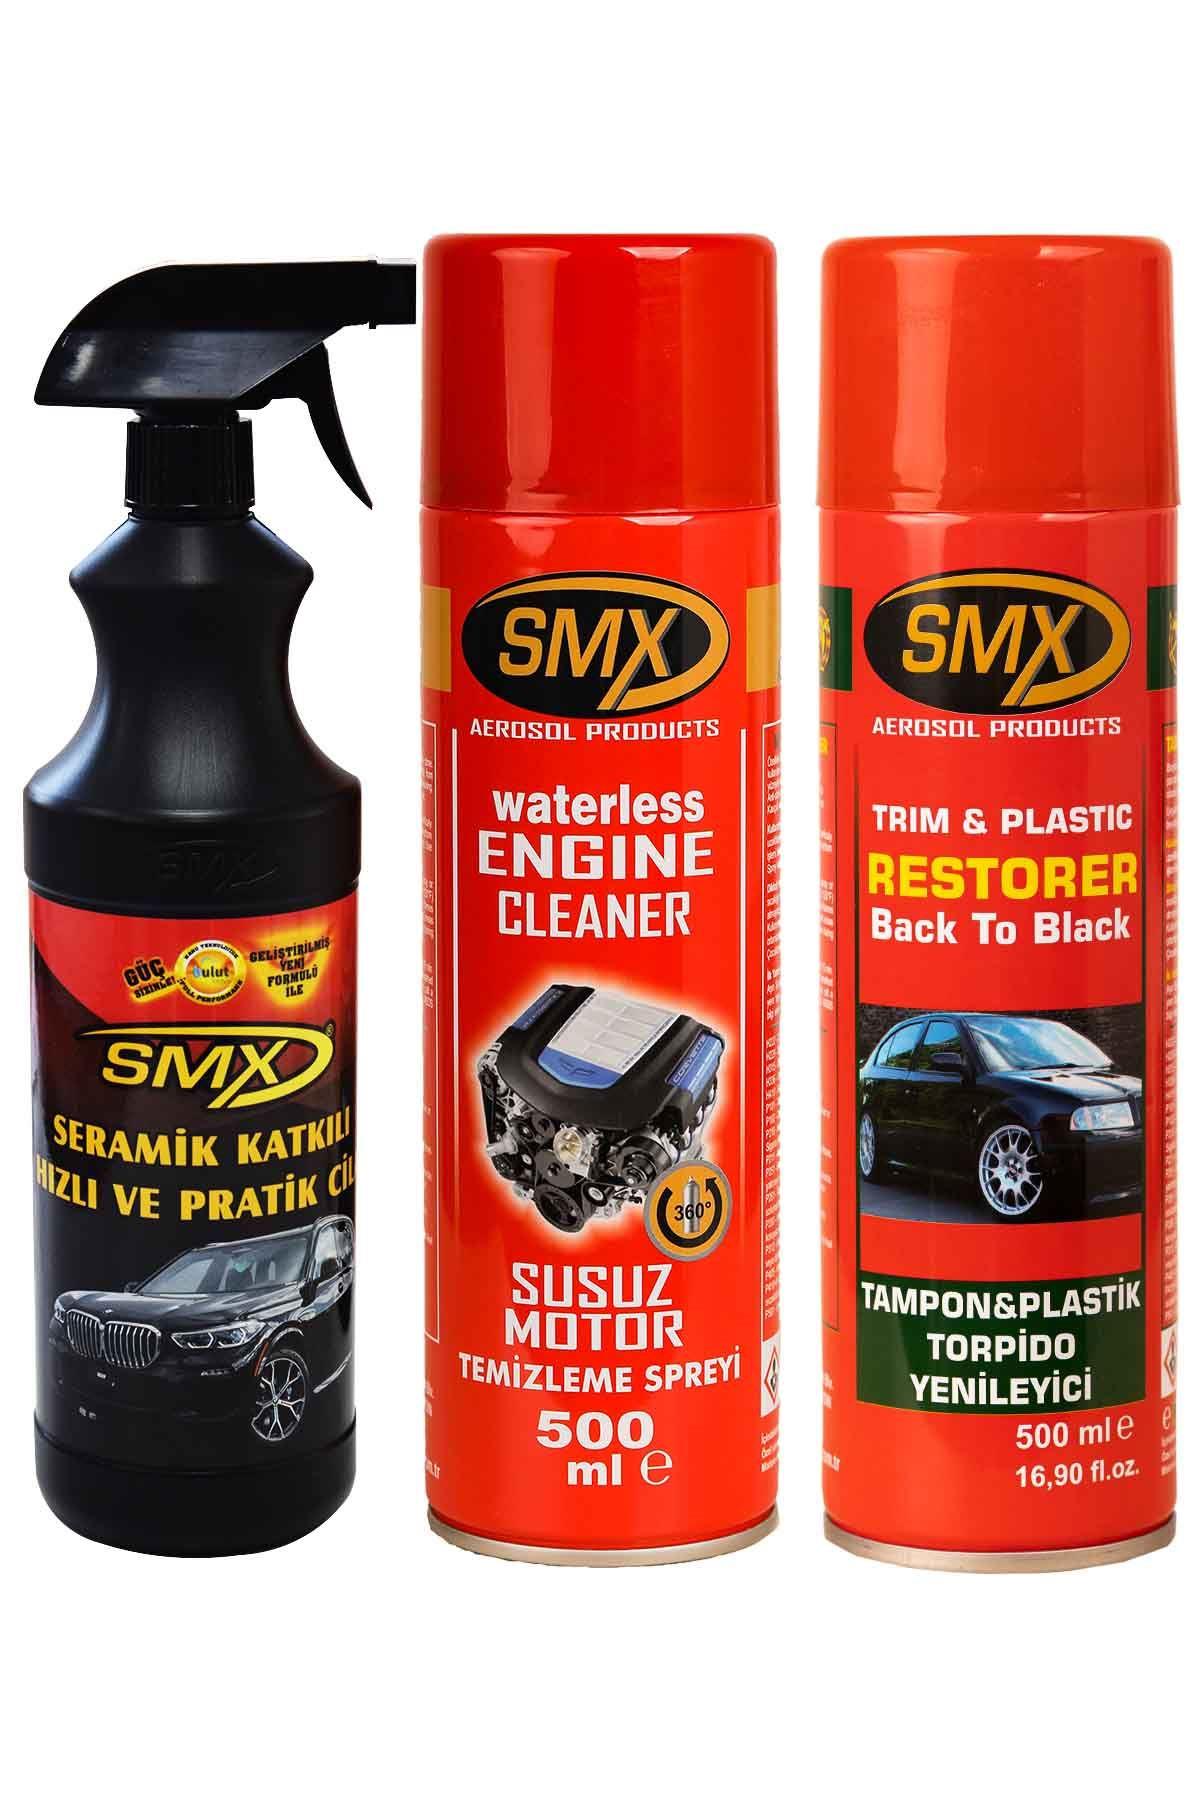 SMX Seramik Cila / Hızlı Cila Pratik Cila / Susuz Motor Temizleme Spreyi / Tampon Yenileyici / Plastik Yenileyici / Torpido Yenileyici